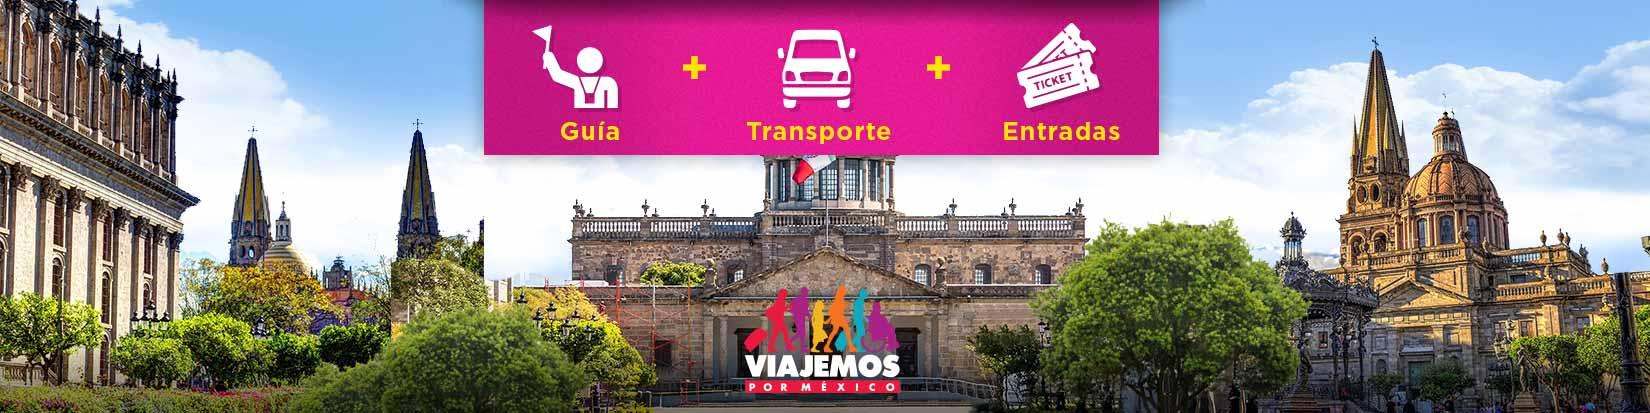 Tours / Excursiones en Guadalajara de hasta 10 hrs